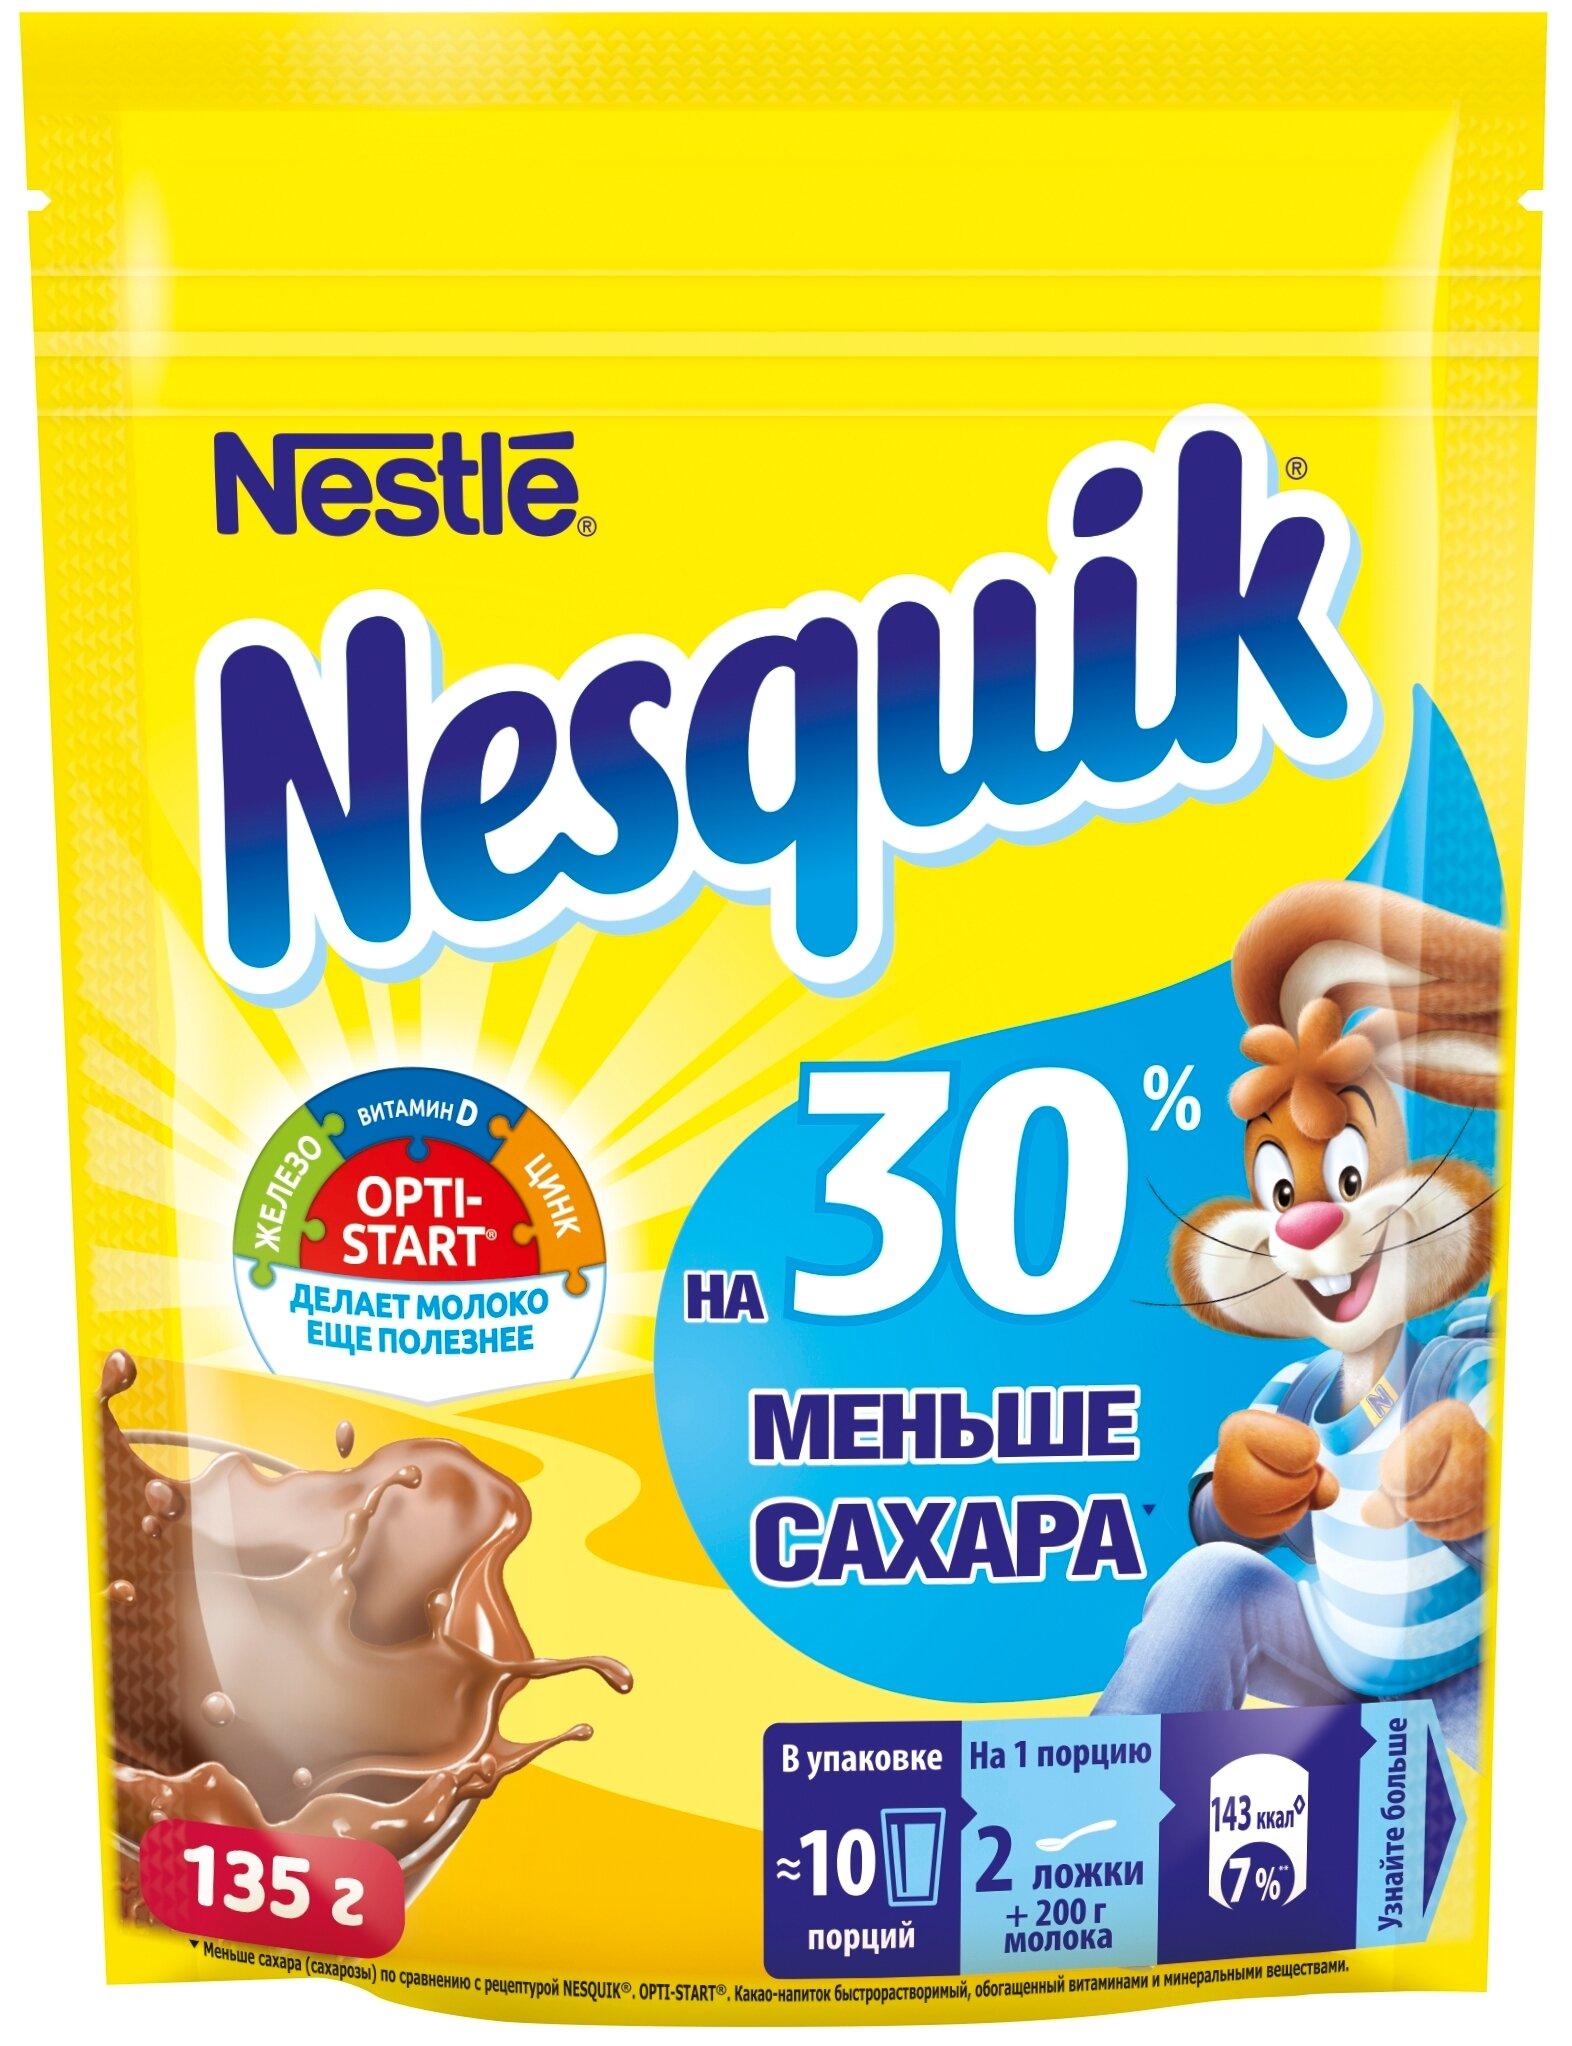 Nesquik Opti-start На 30% меньше сахара Какао-напиток растворимый, пакет — купить по выгодной цене на Яндекс.Маркете